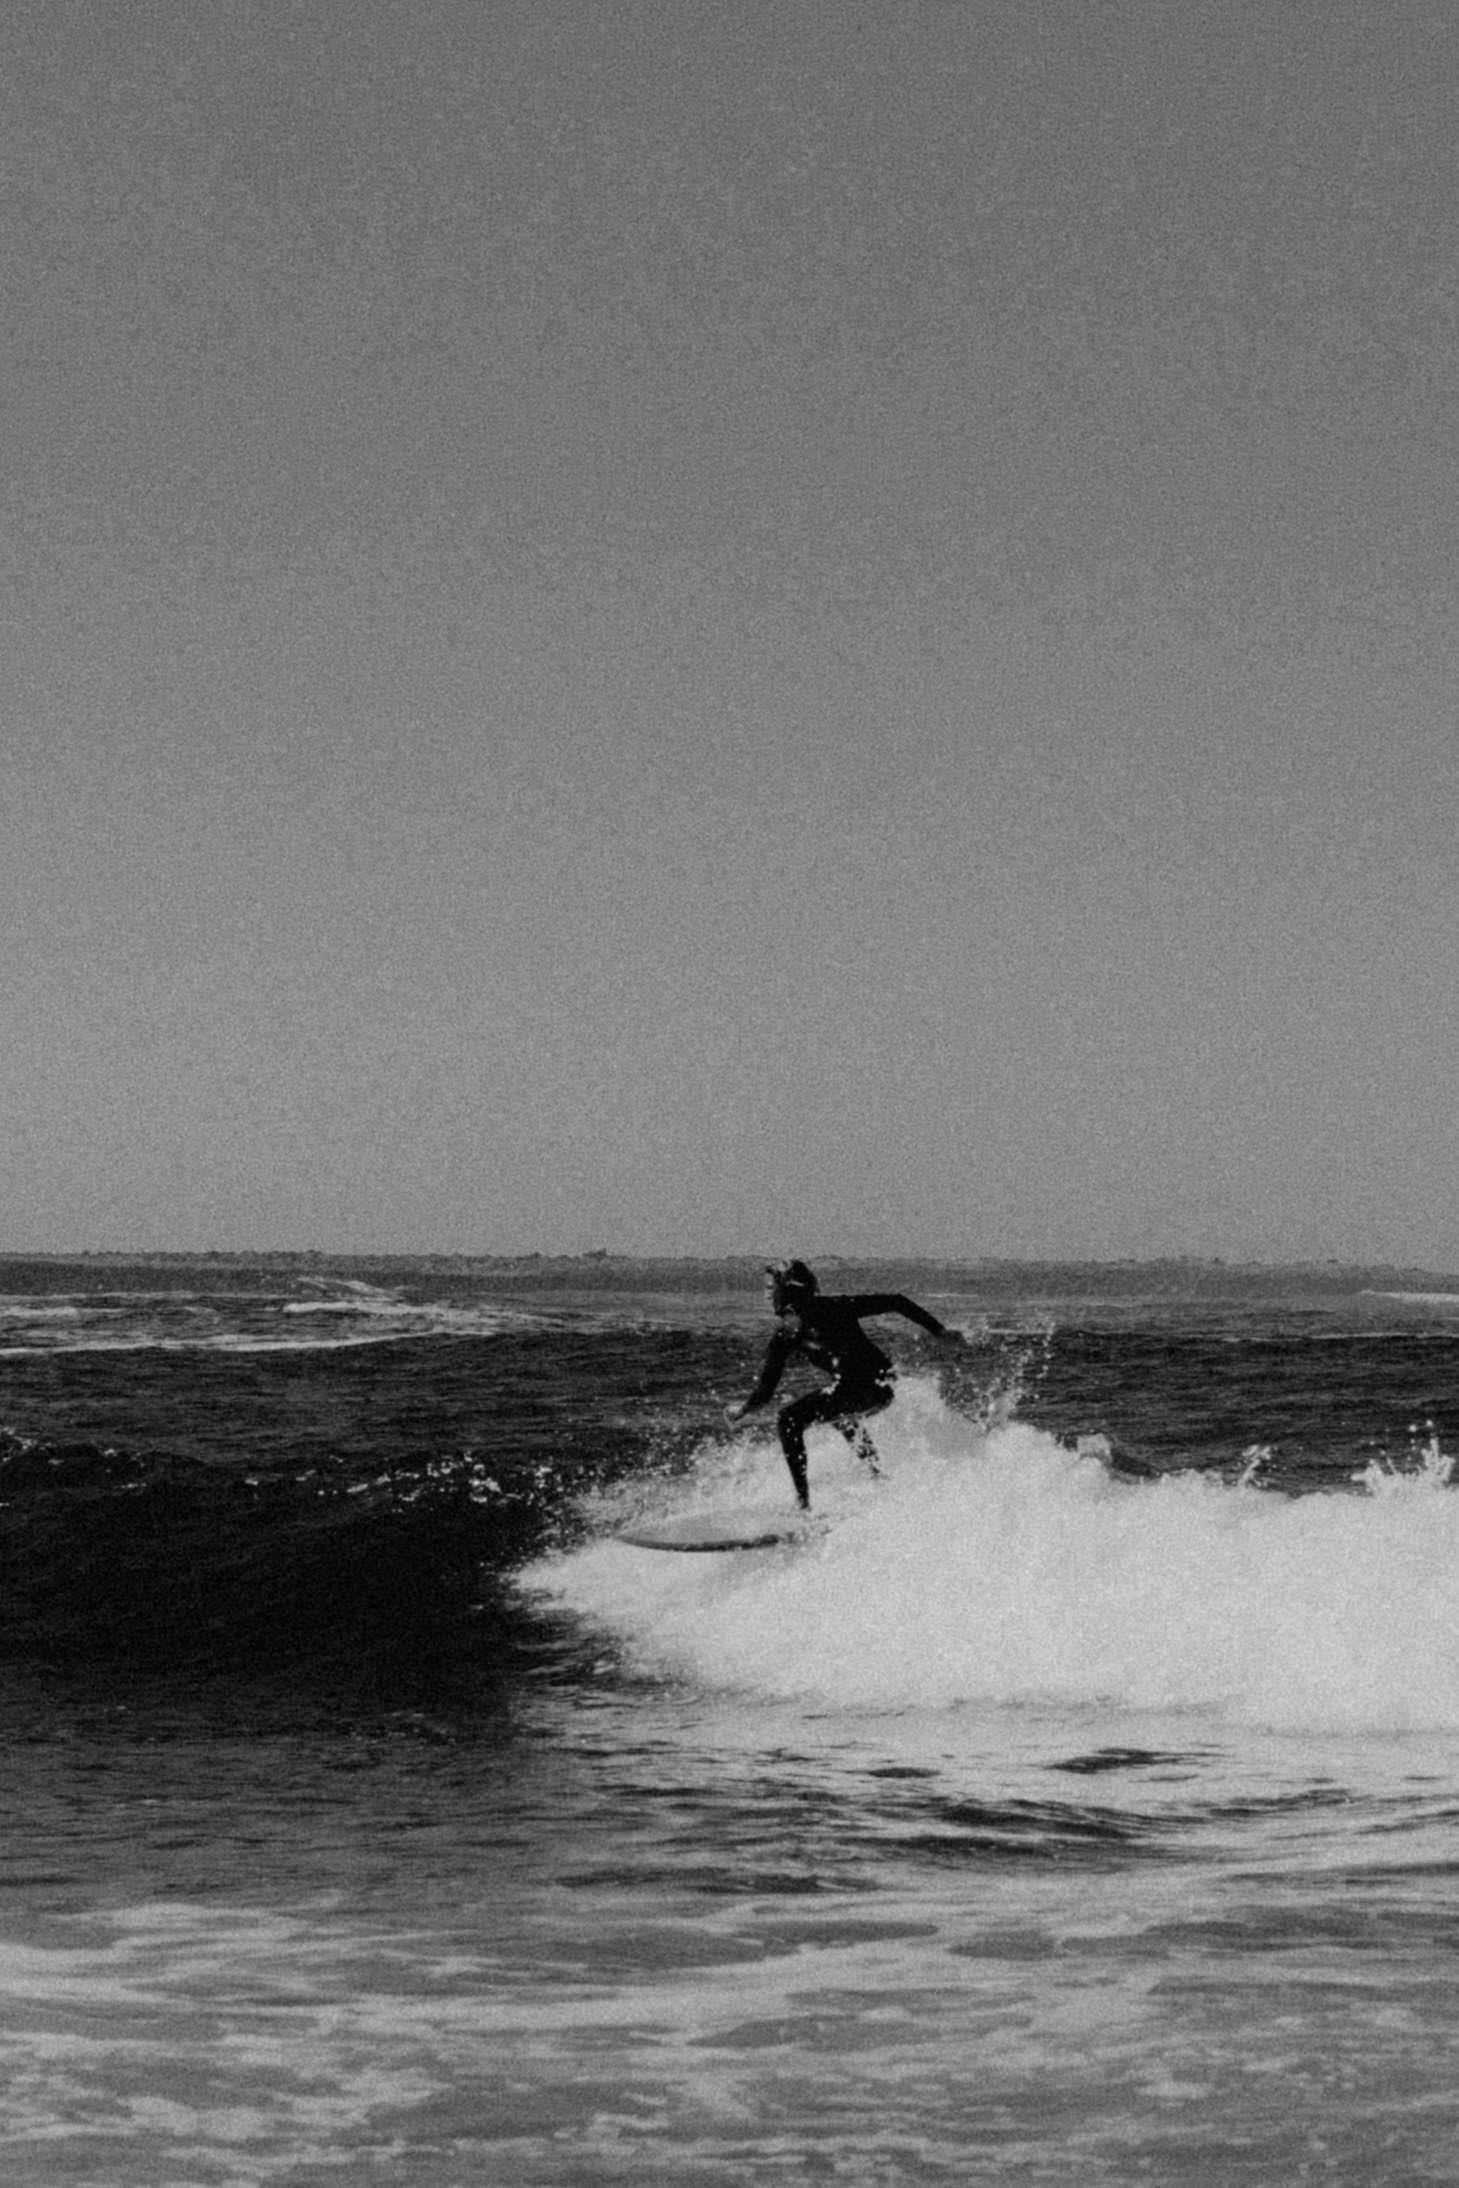 erik_winter_surf_surfing_1028.jpg